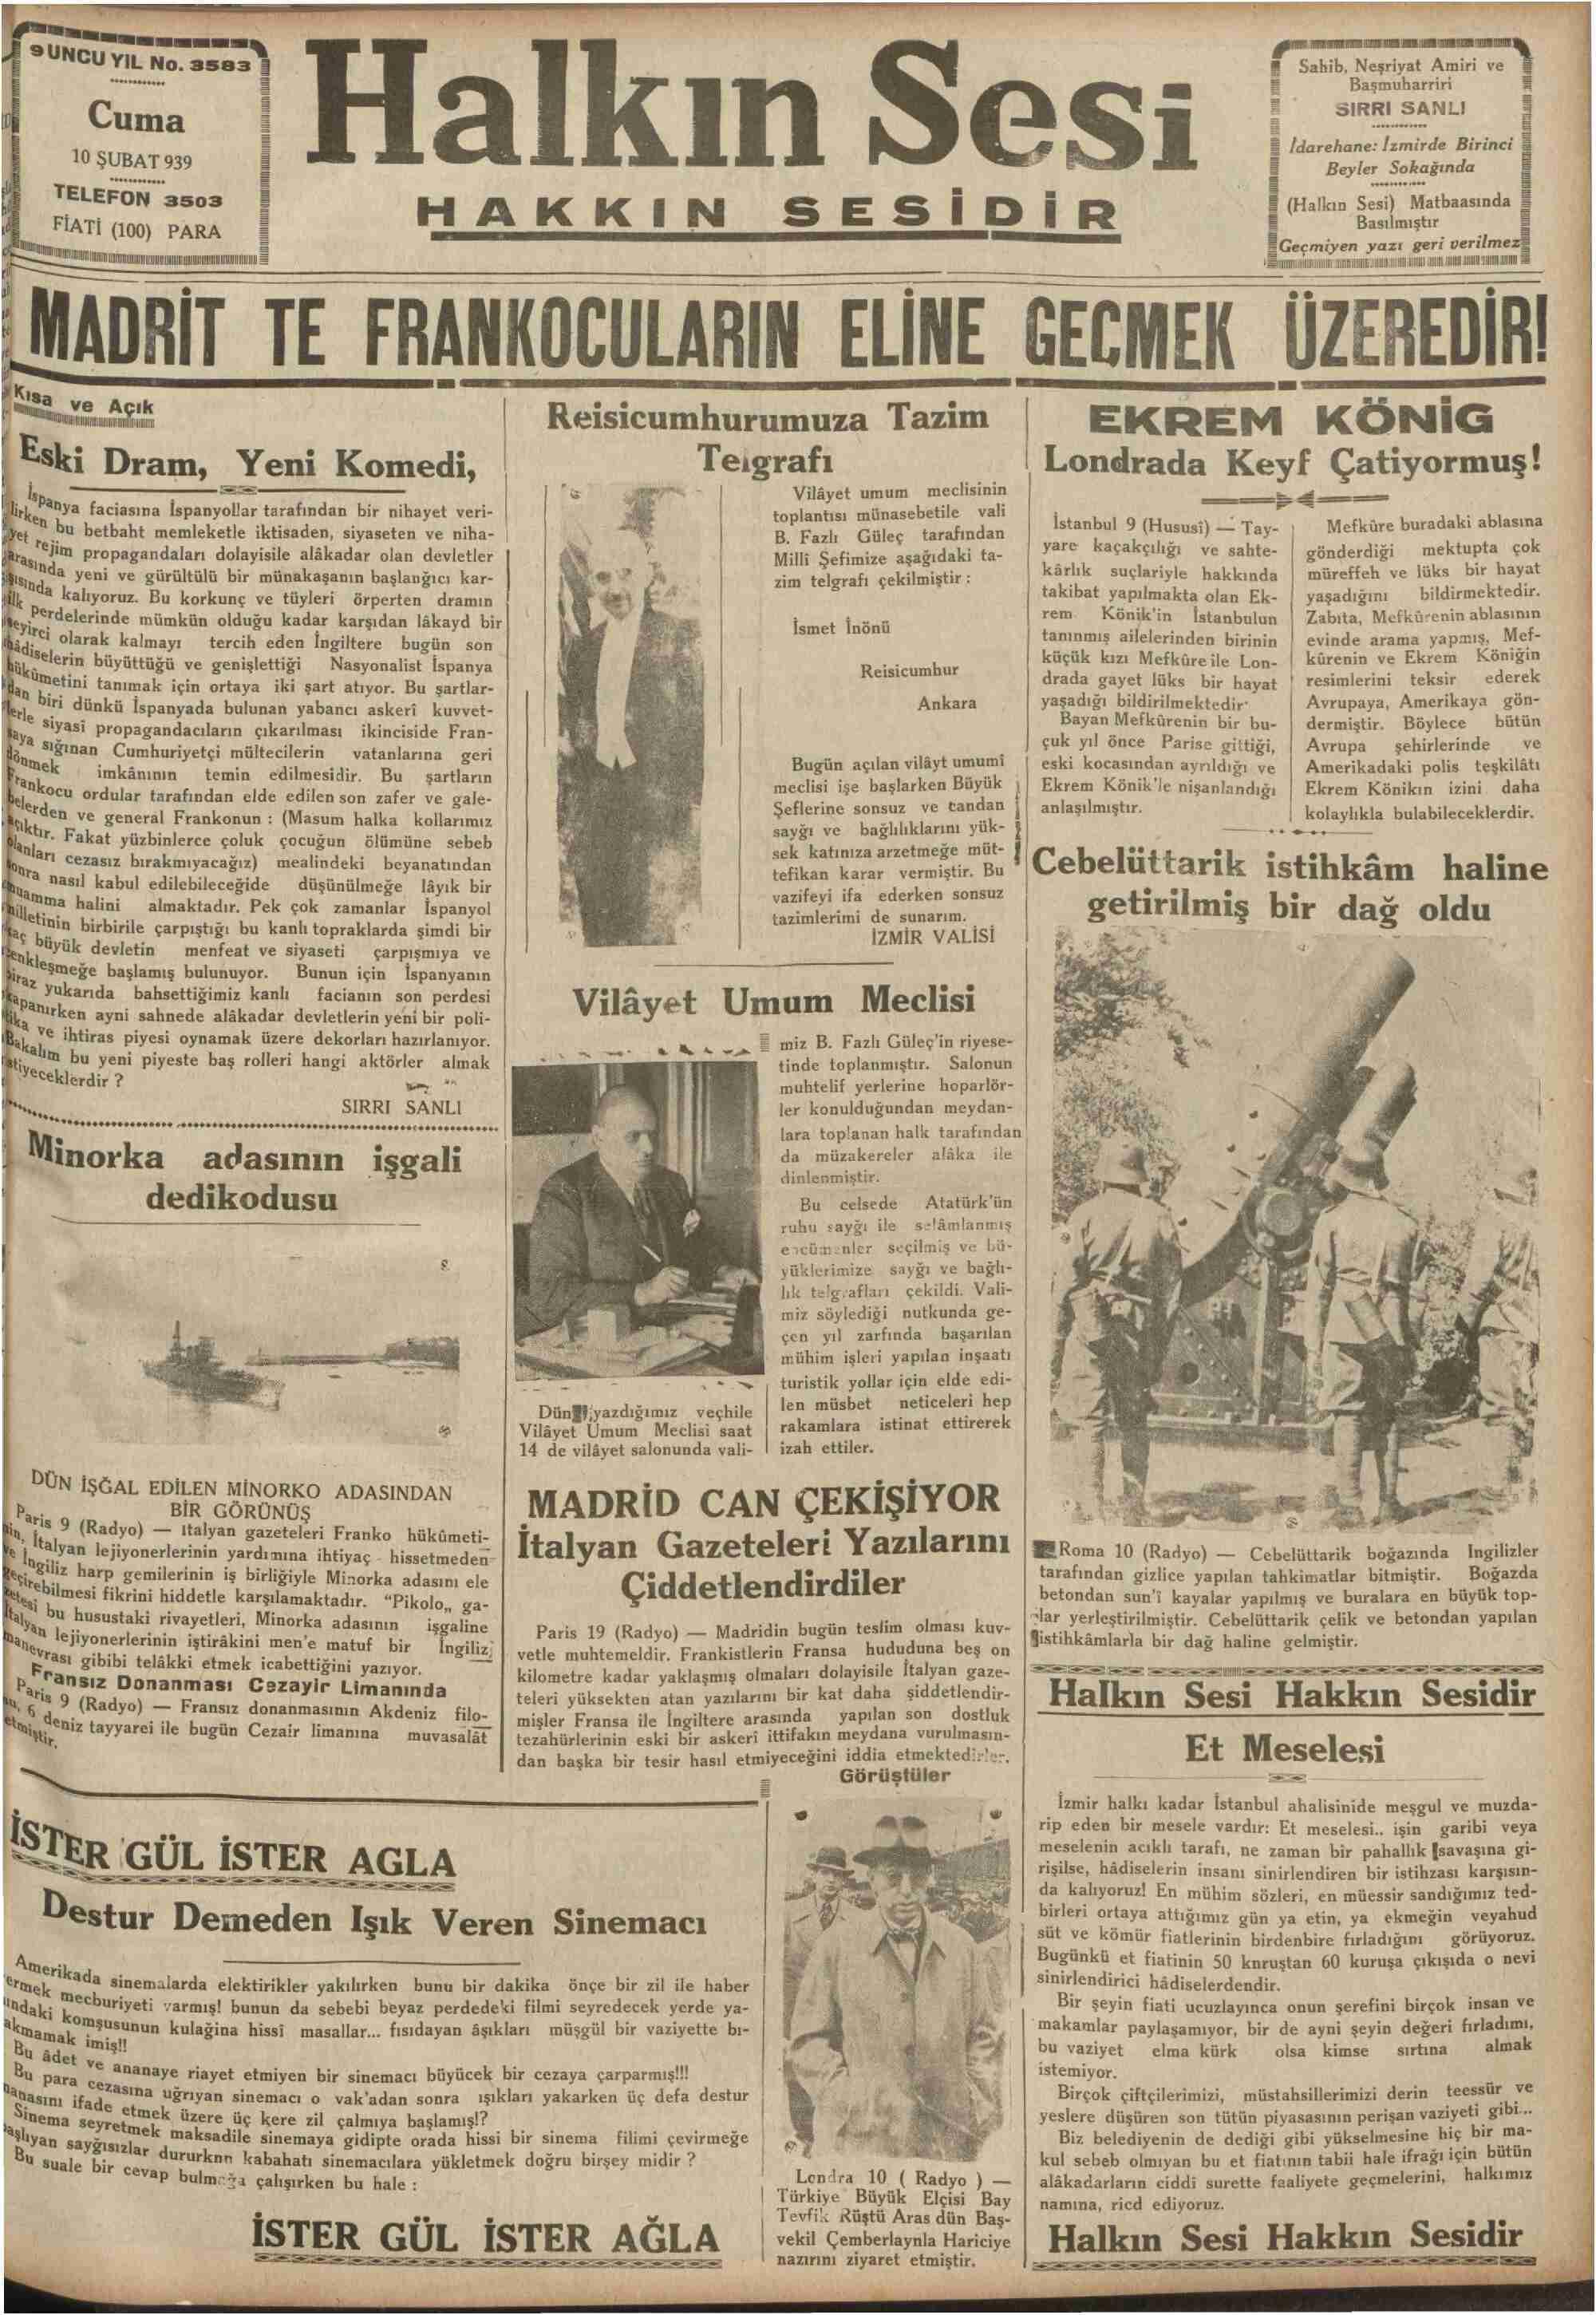 10 Şubat 1939 Tarihli Halkın Sesi Gazetesi Sayfa 1